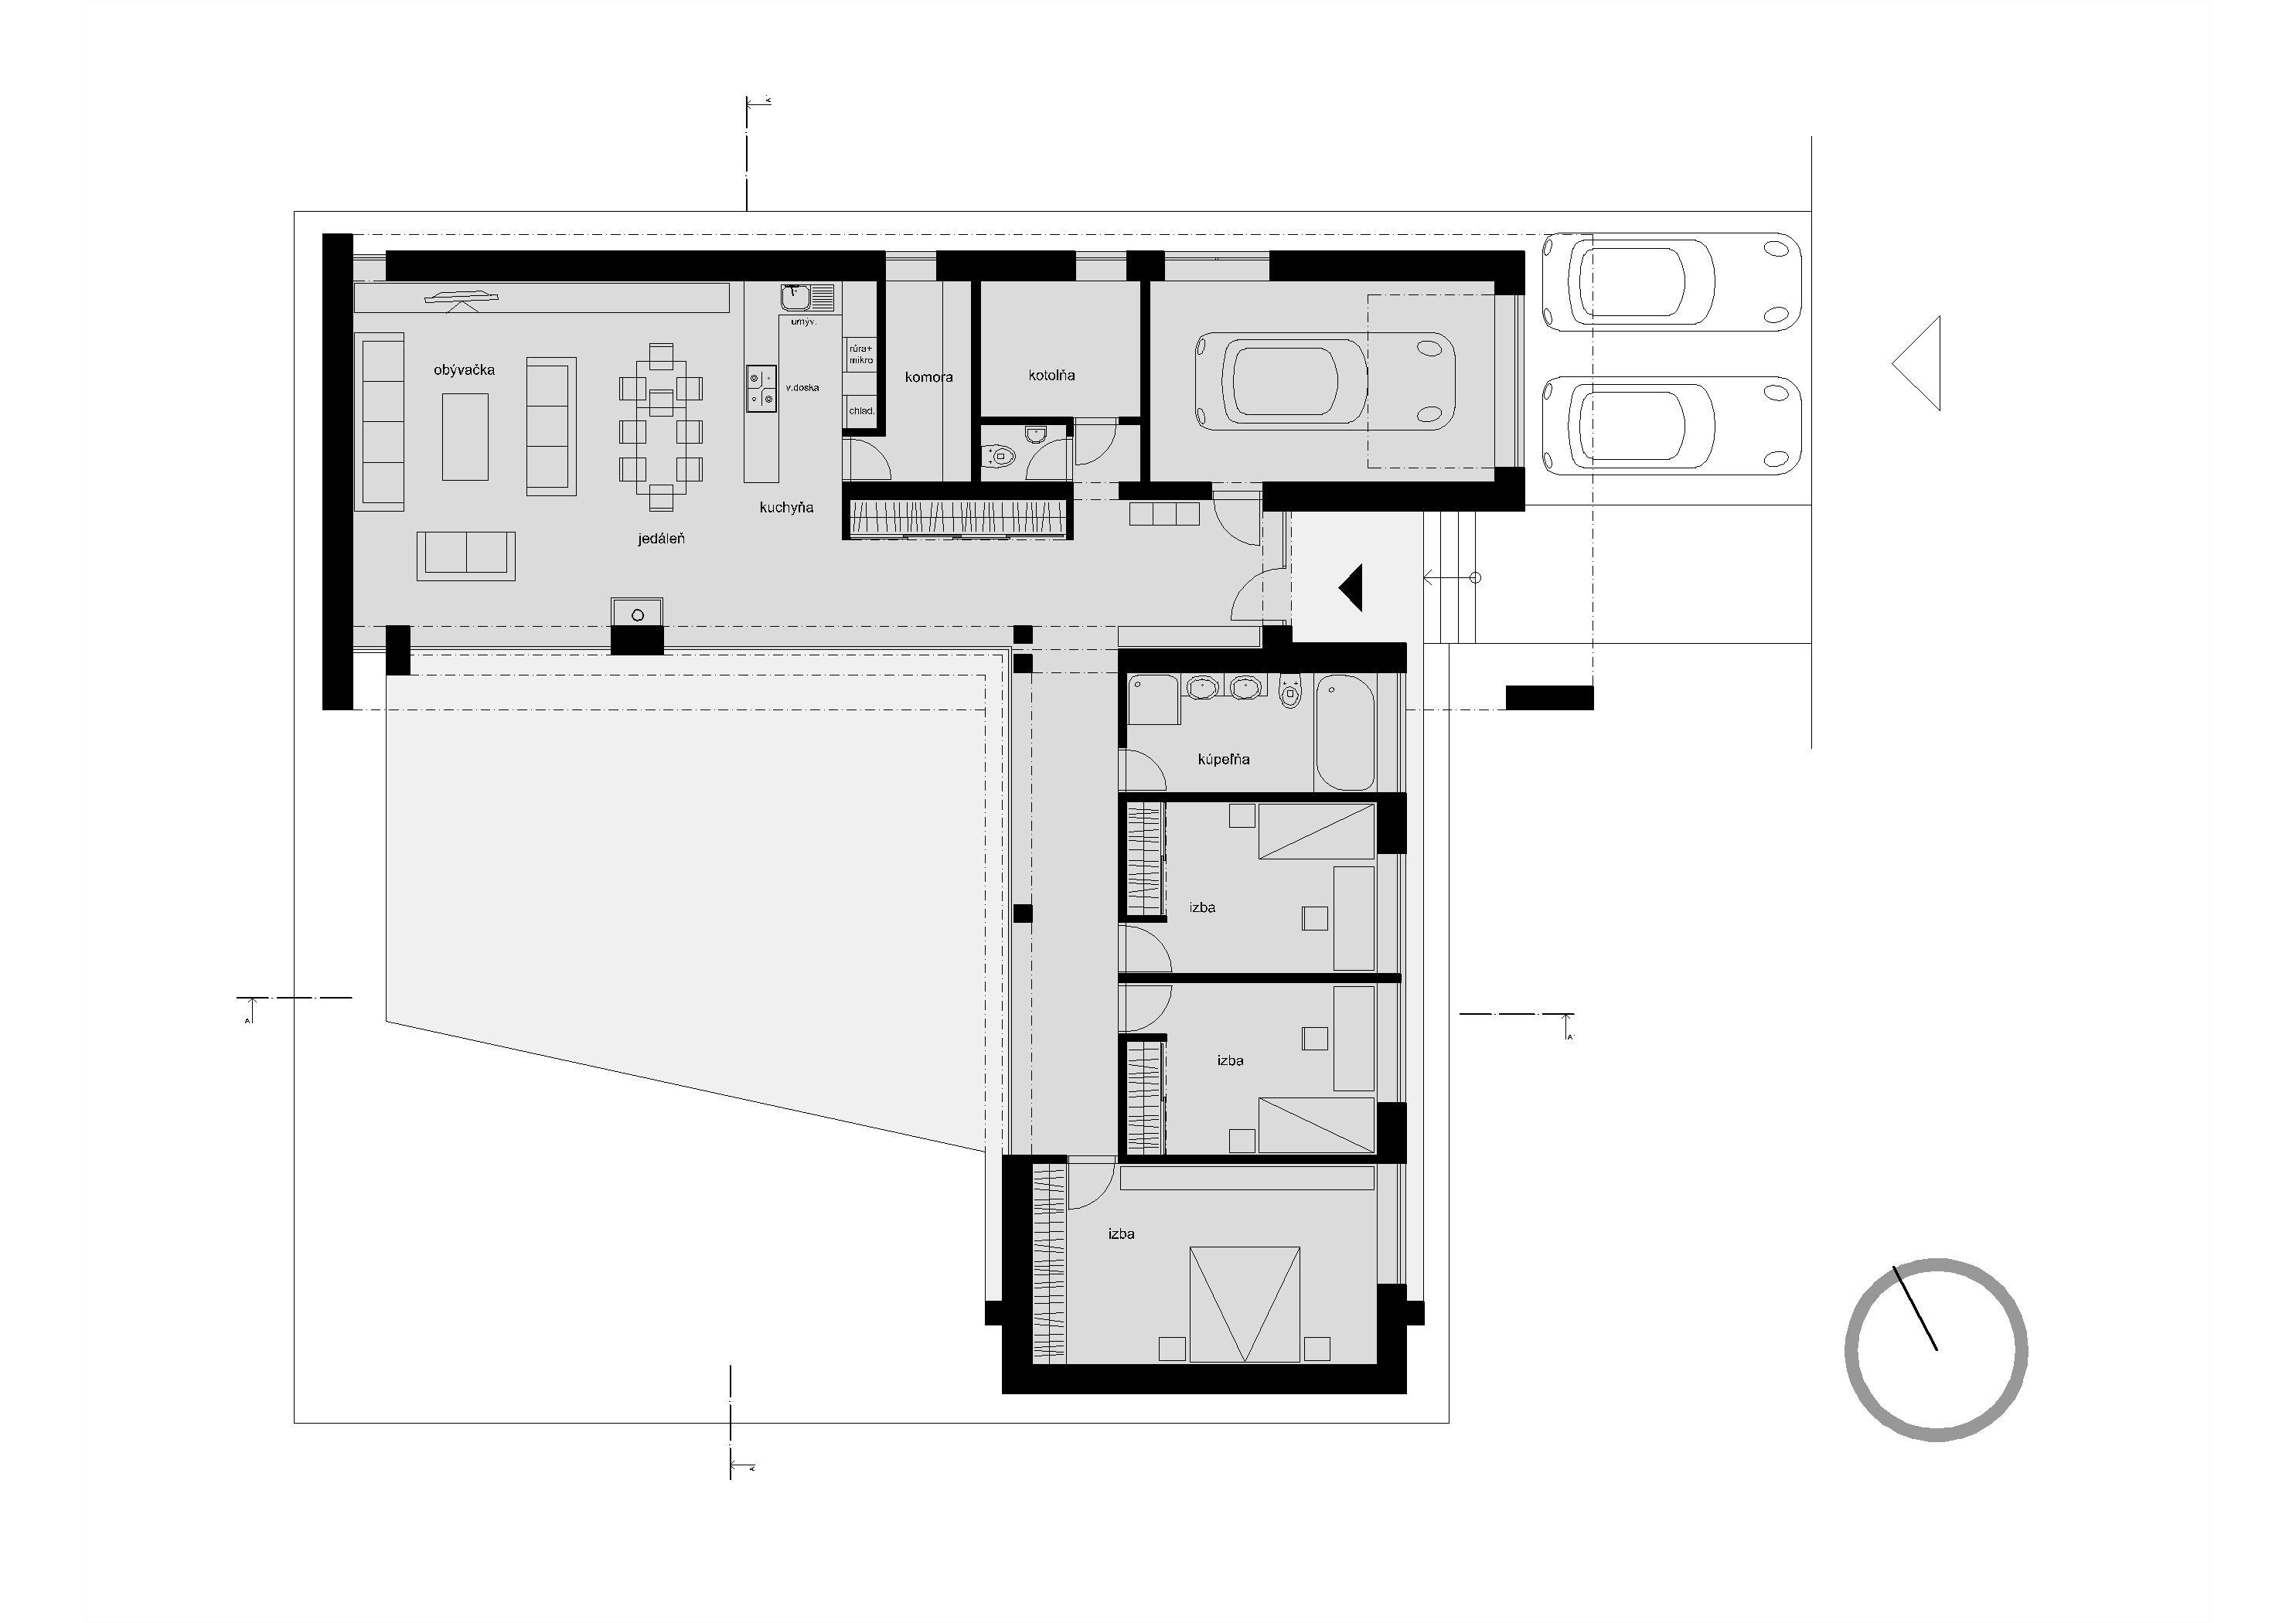 Projekt stavby rodinného domu VII 10